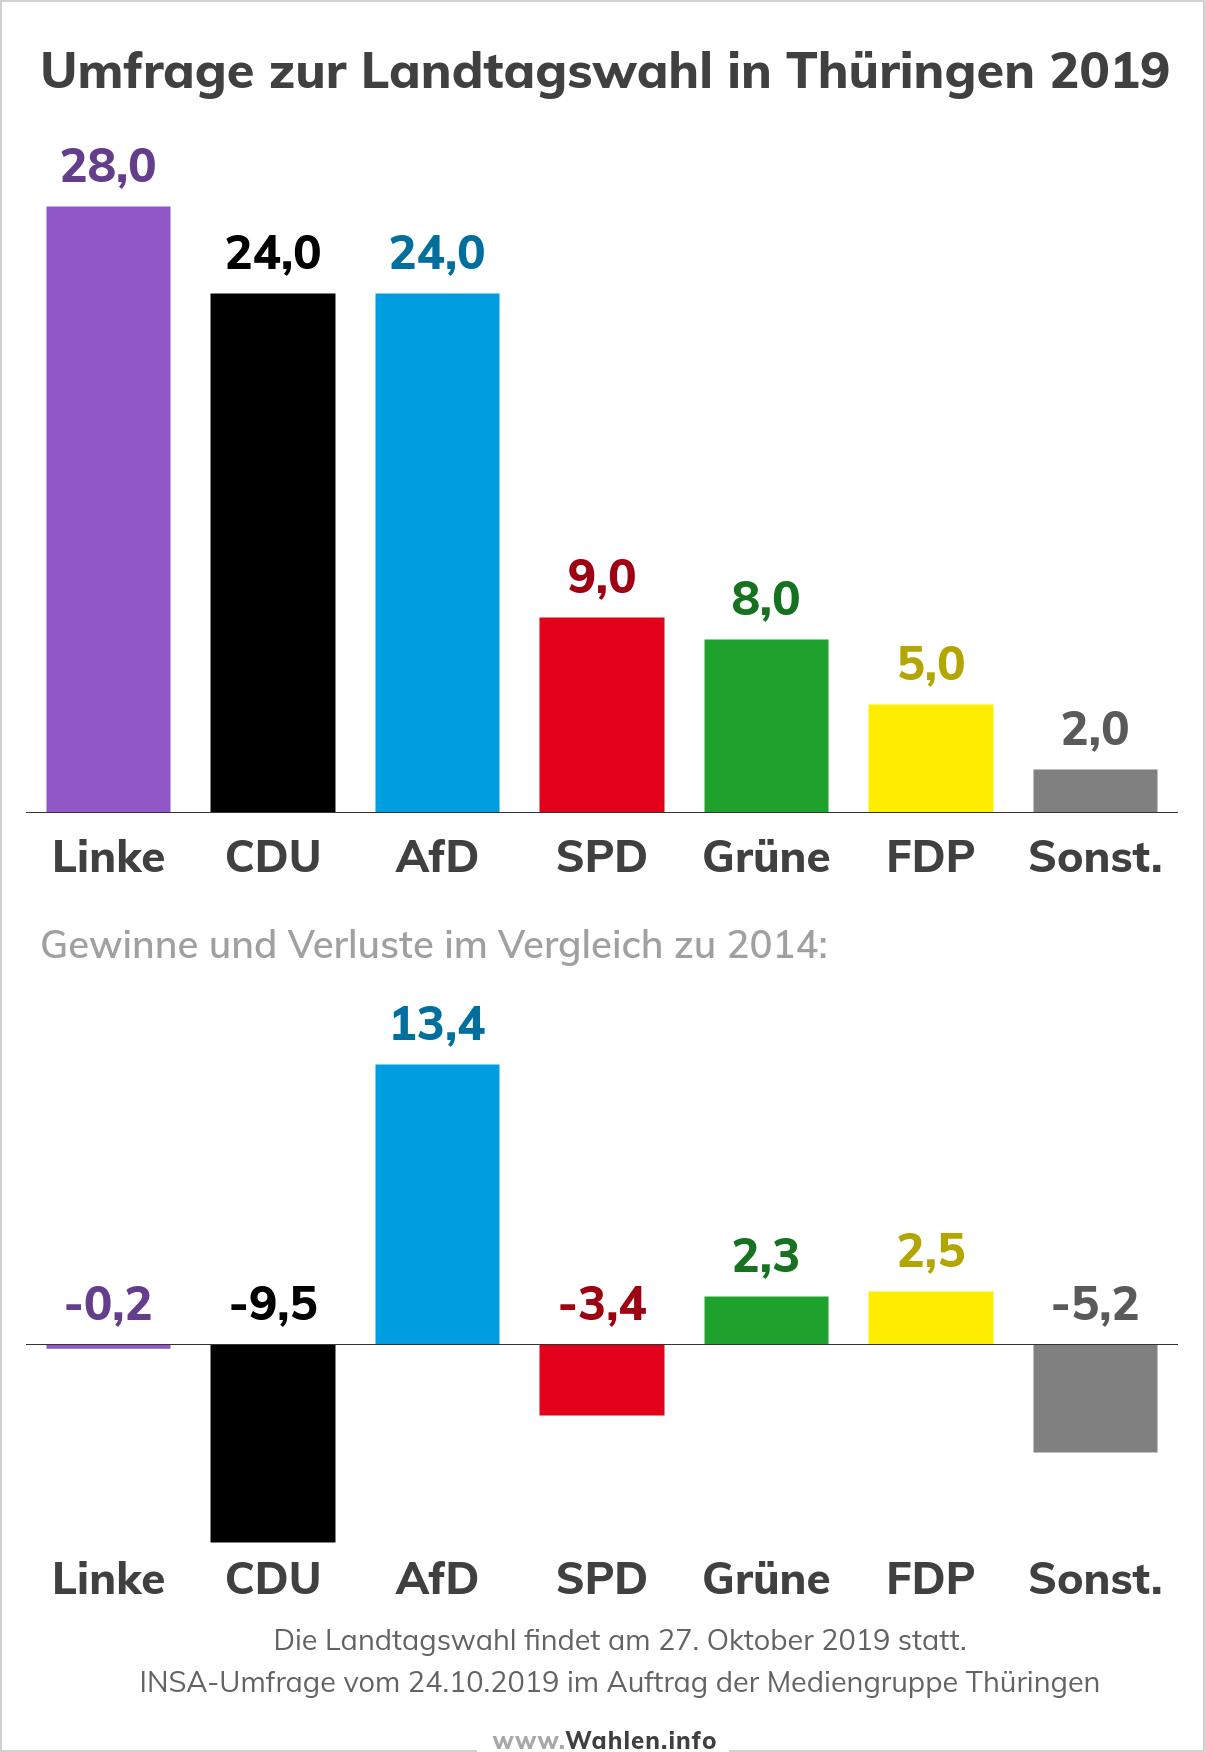 Landtagswahl in Thüringen - Umfrage